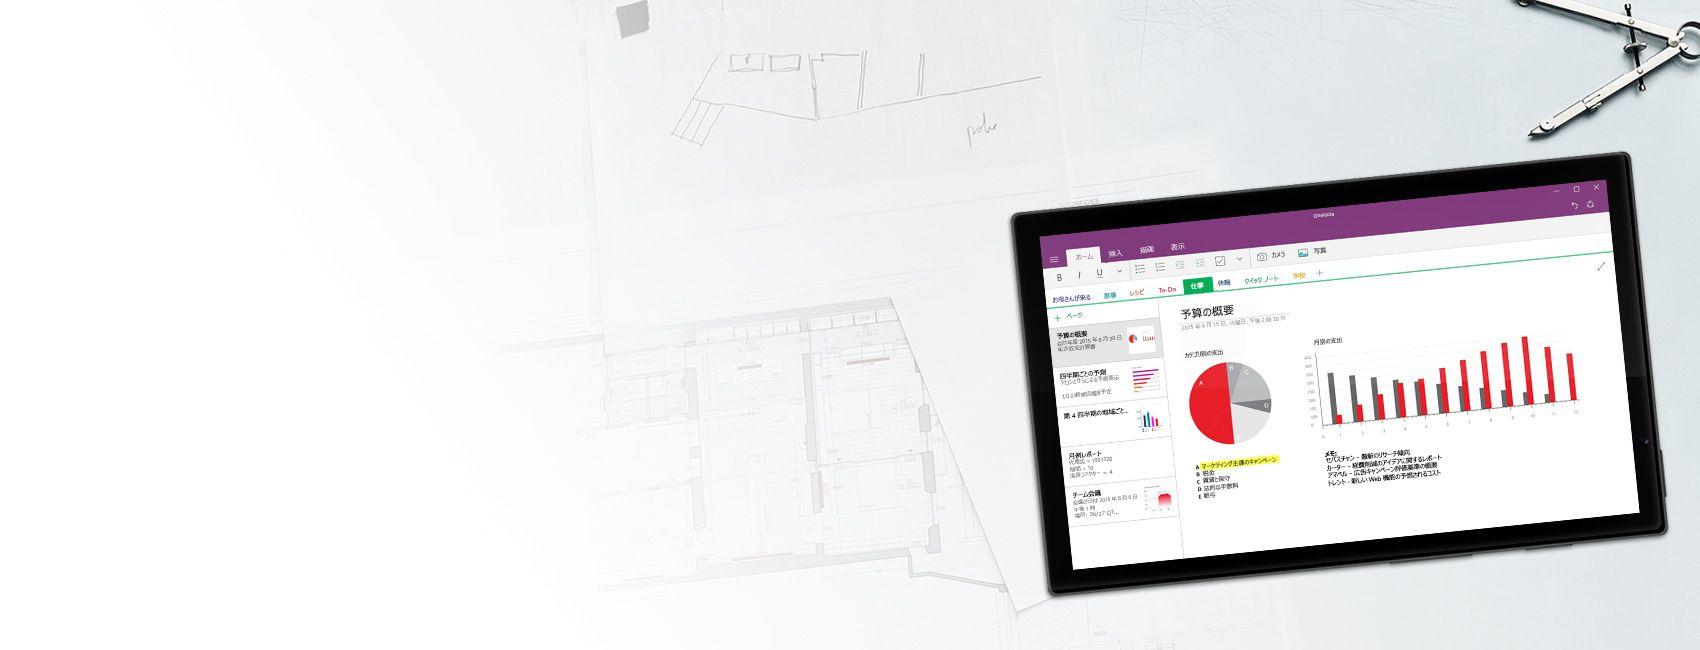 Windows タブレットに、OneNote ノートブックで作成した予算の概要のグラフが表示されています